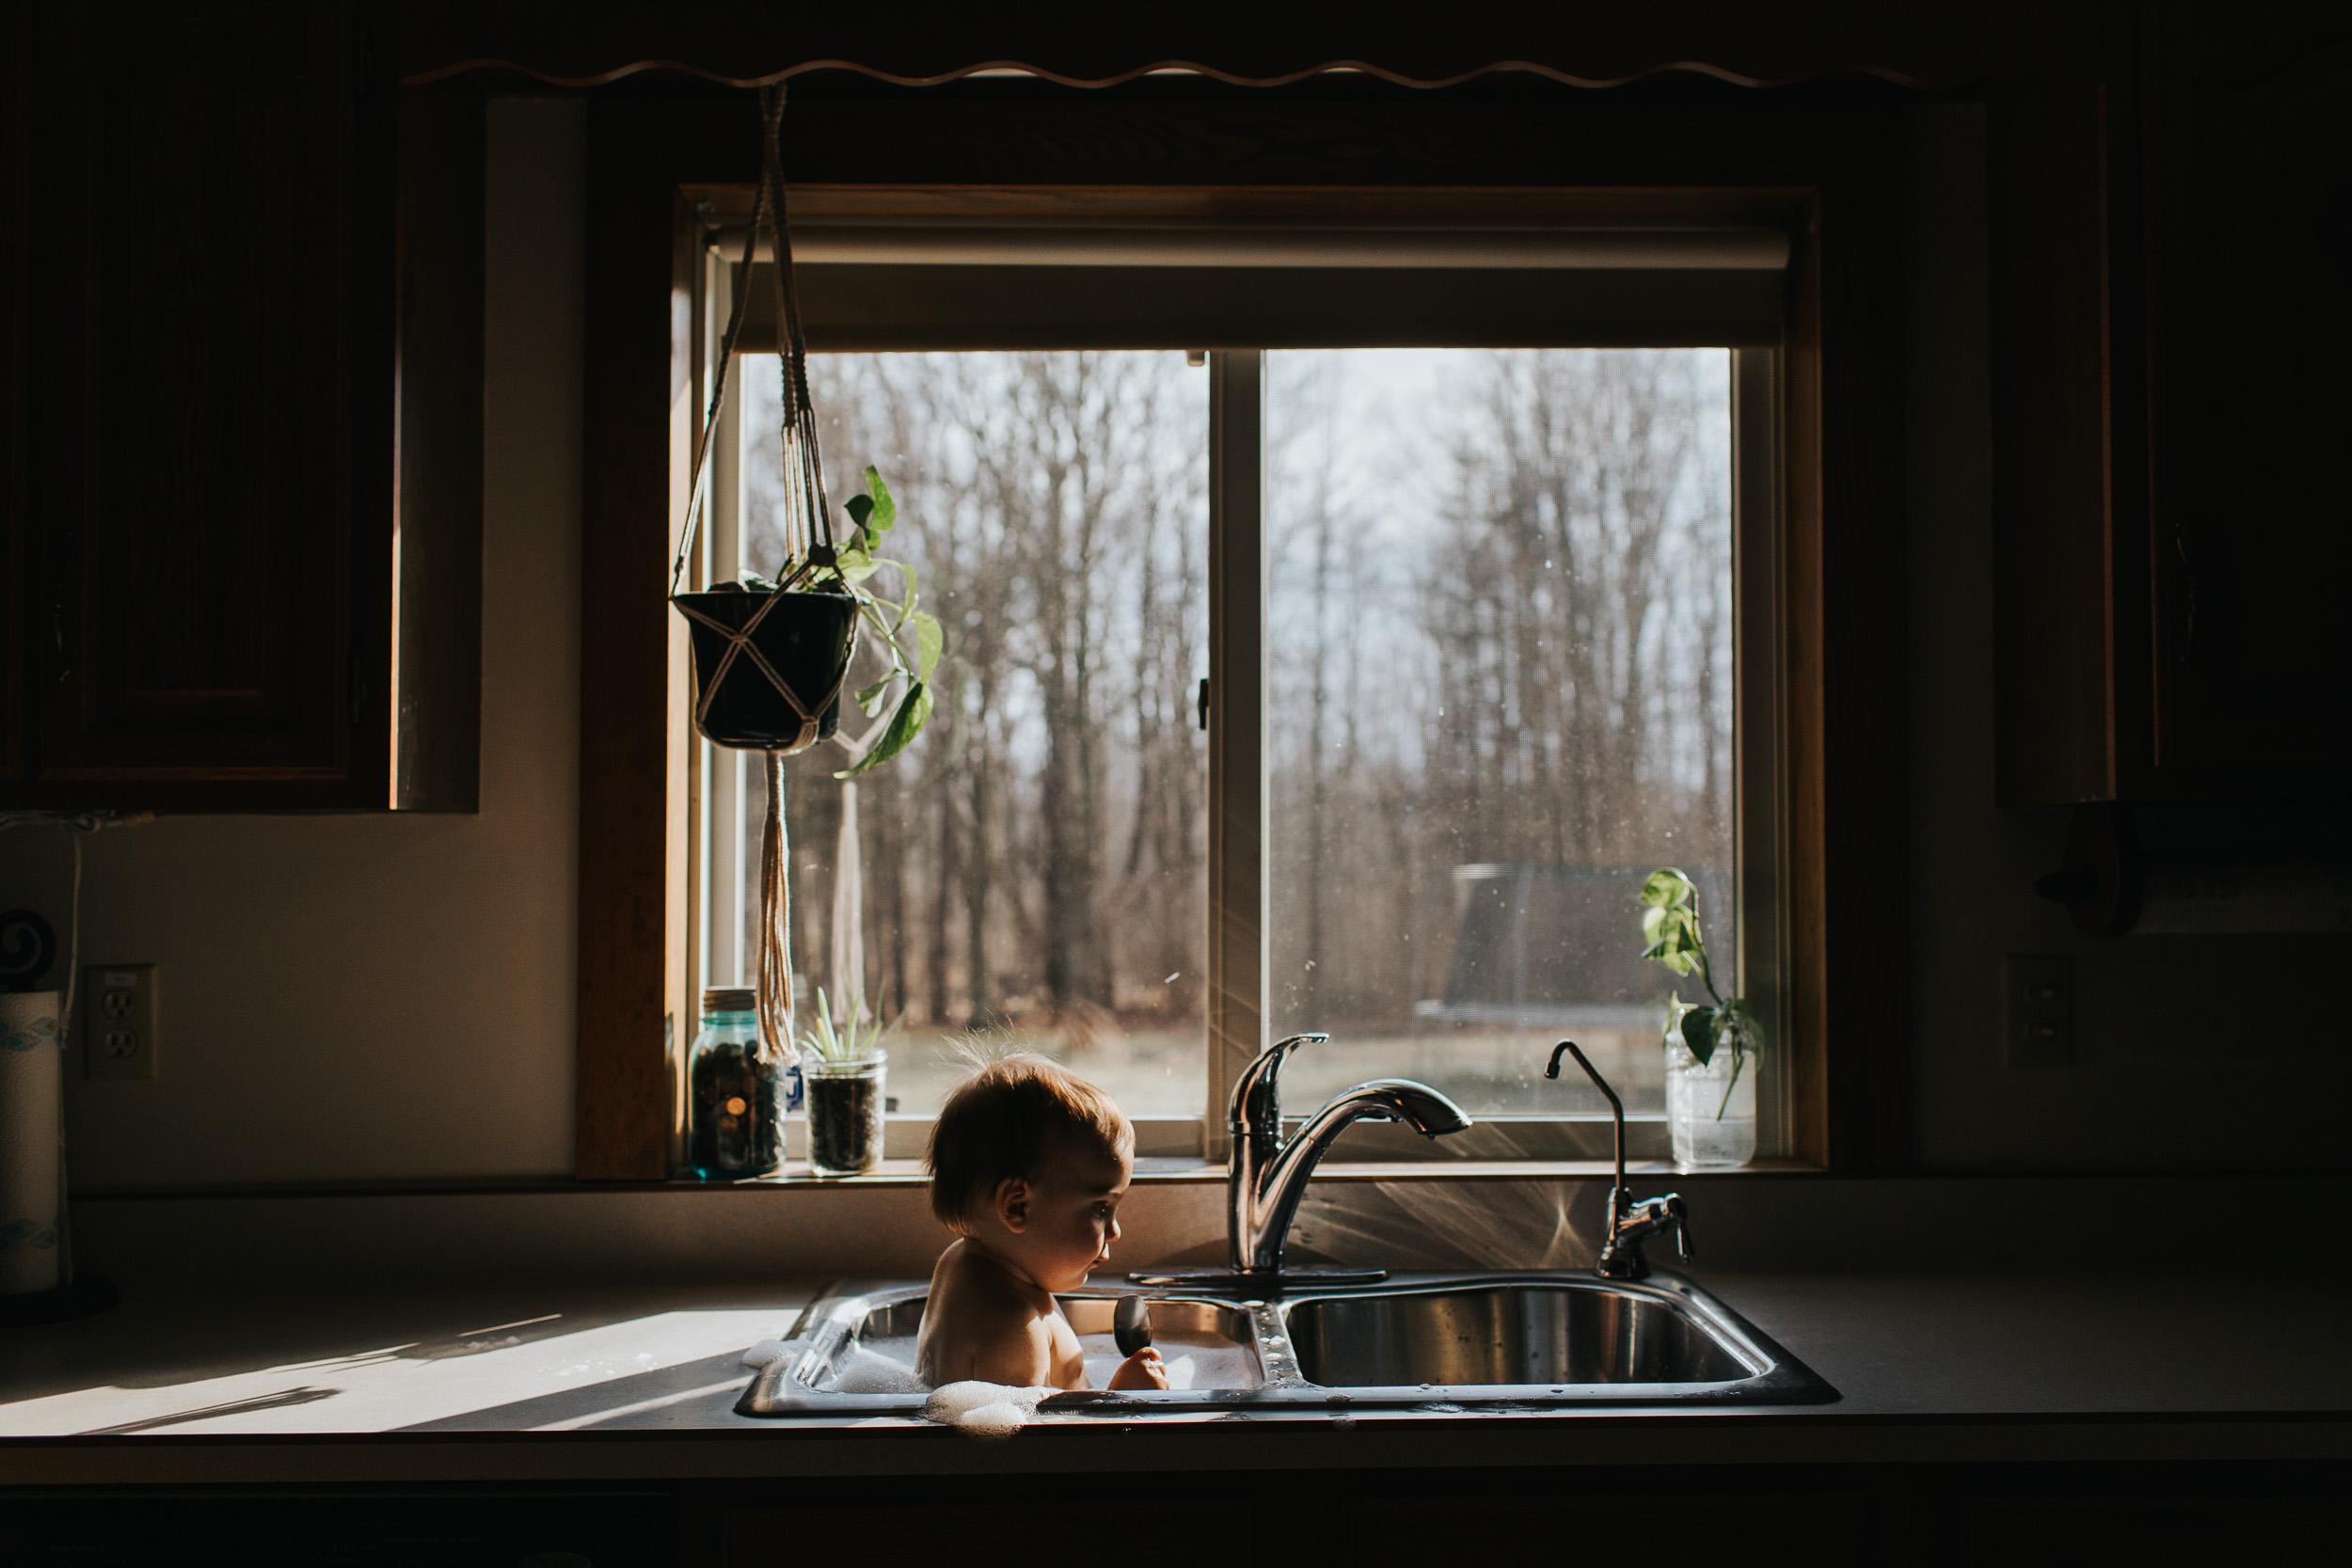 baby in kitchen sink bath